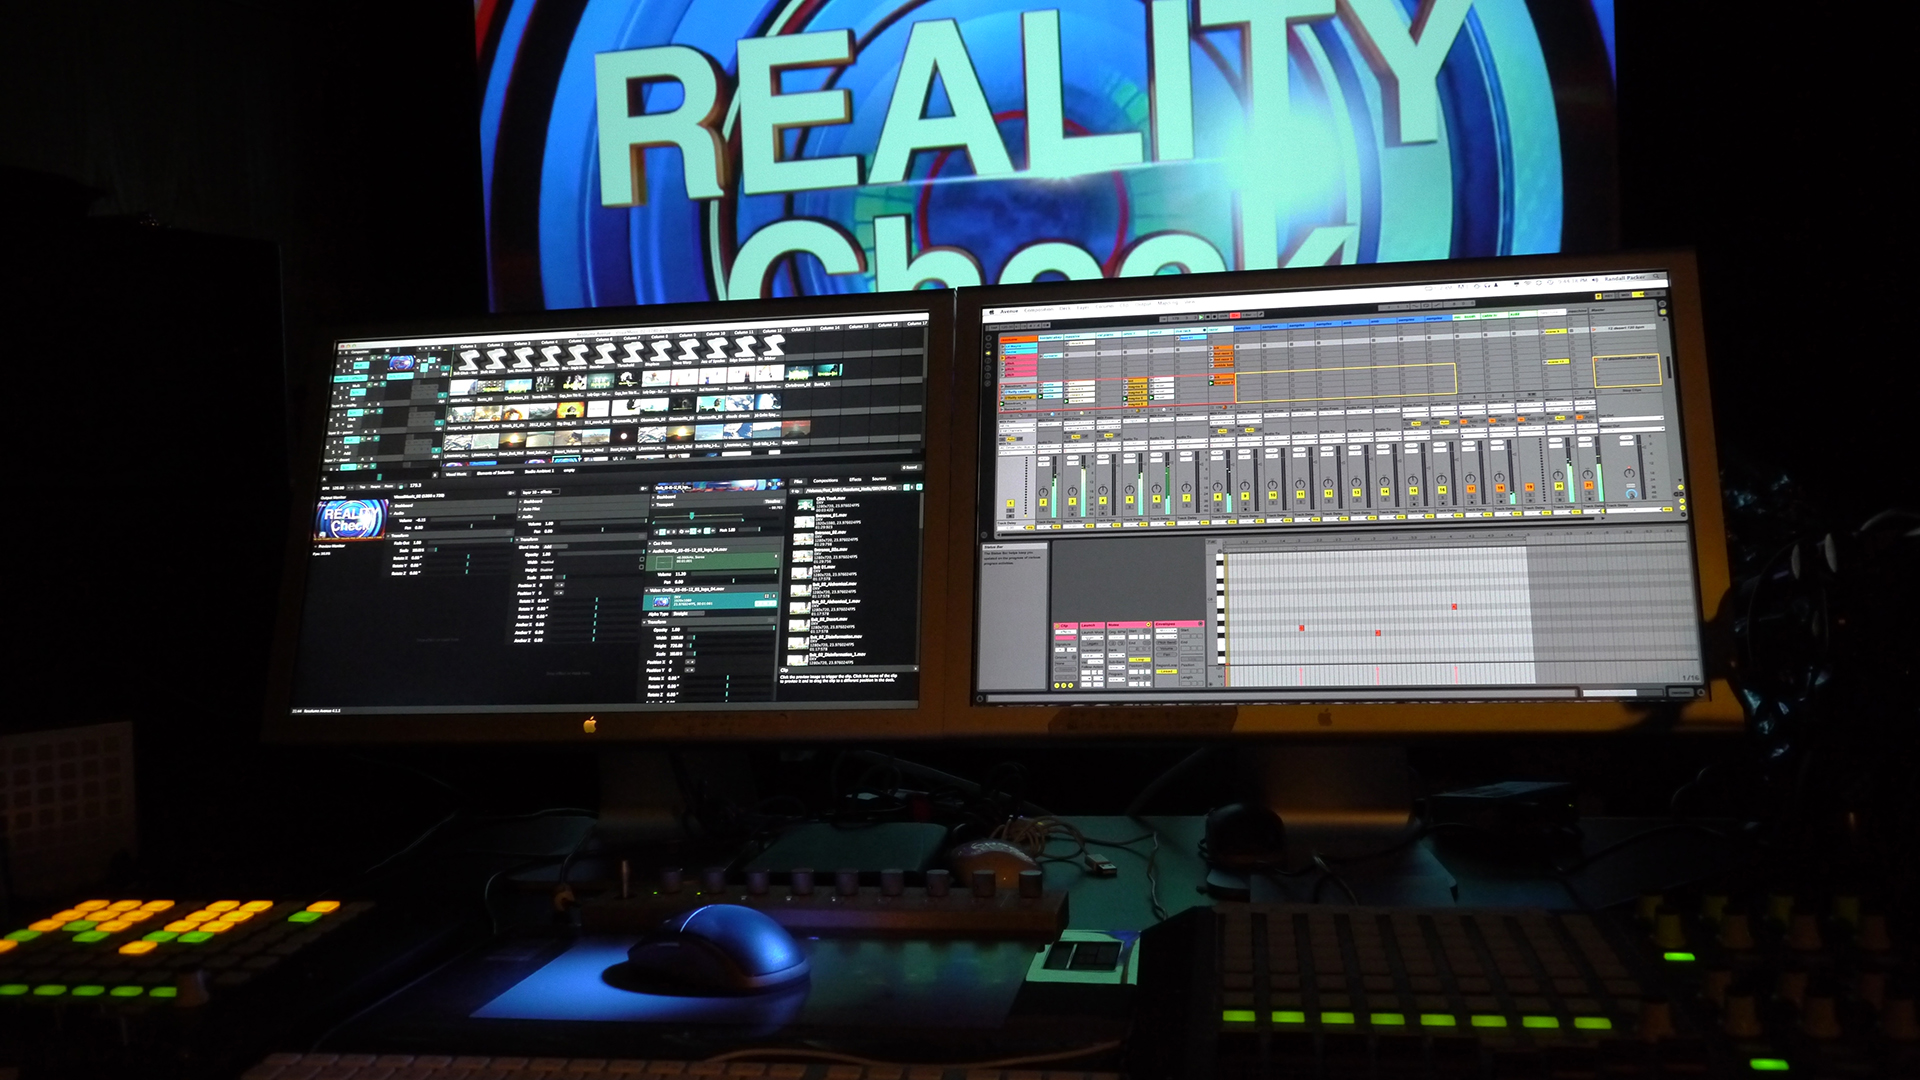 Studio_P1010520_full